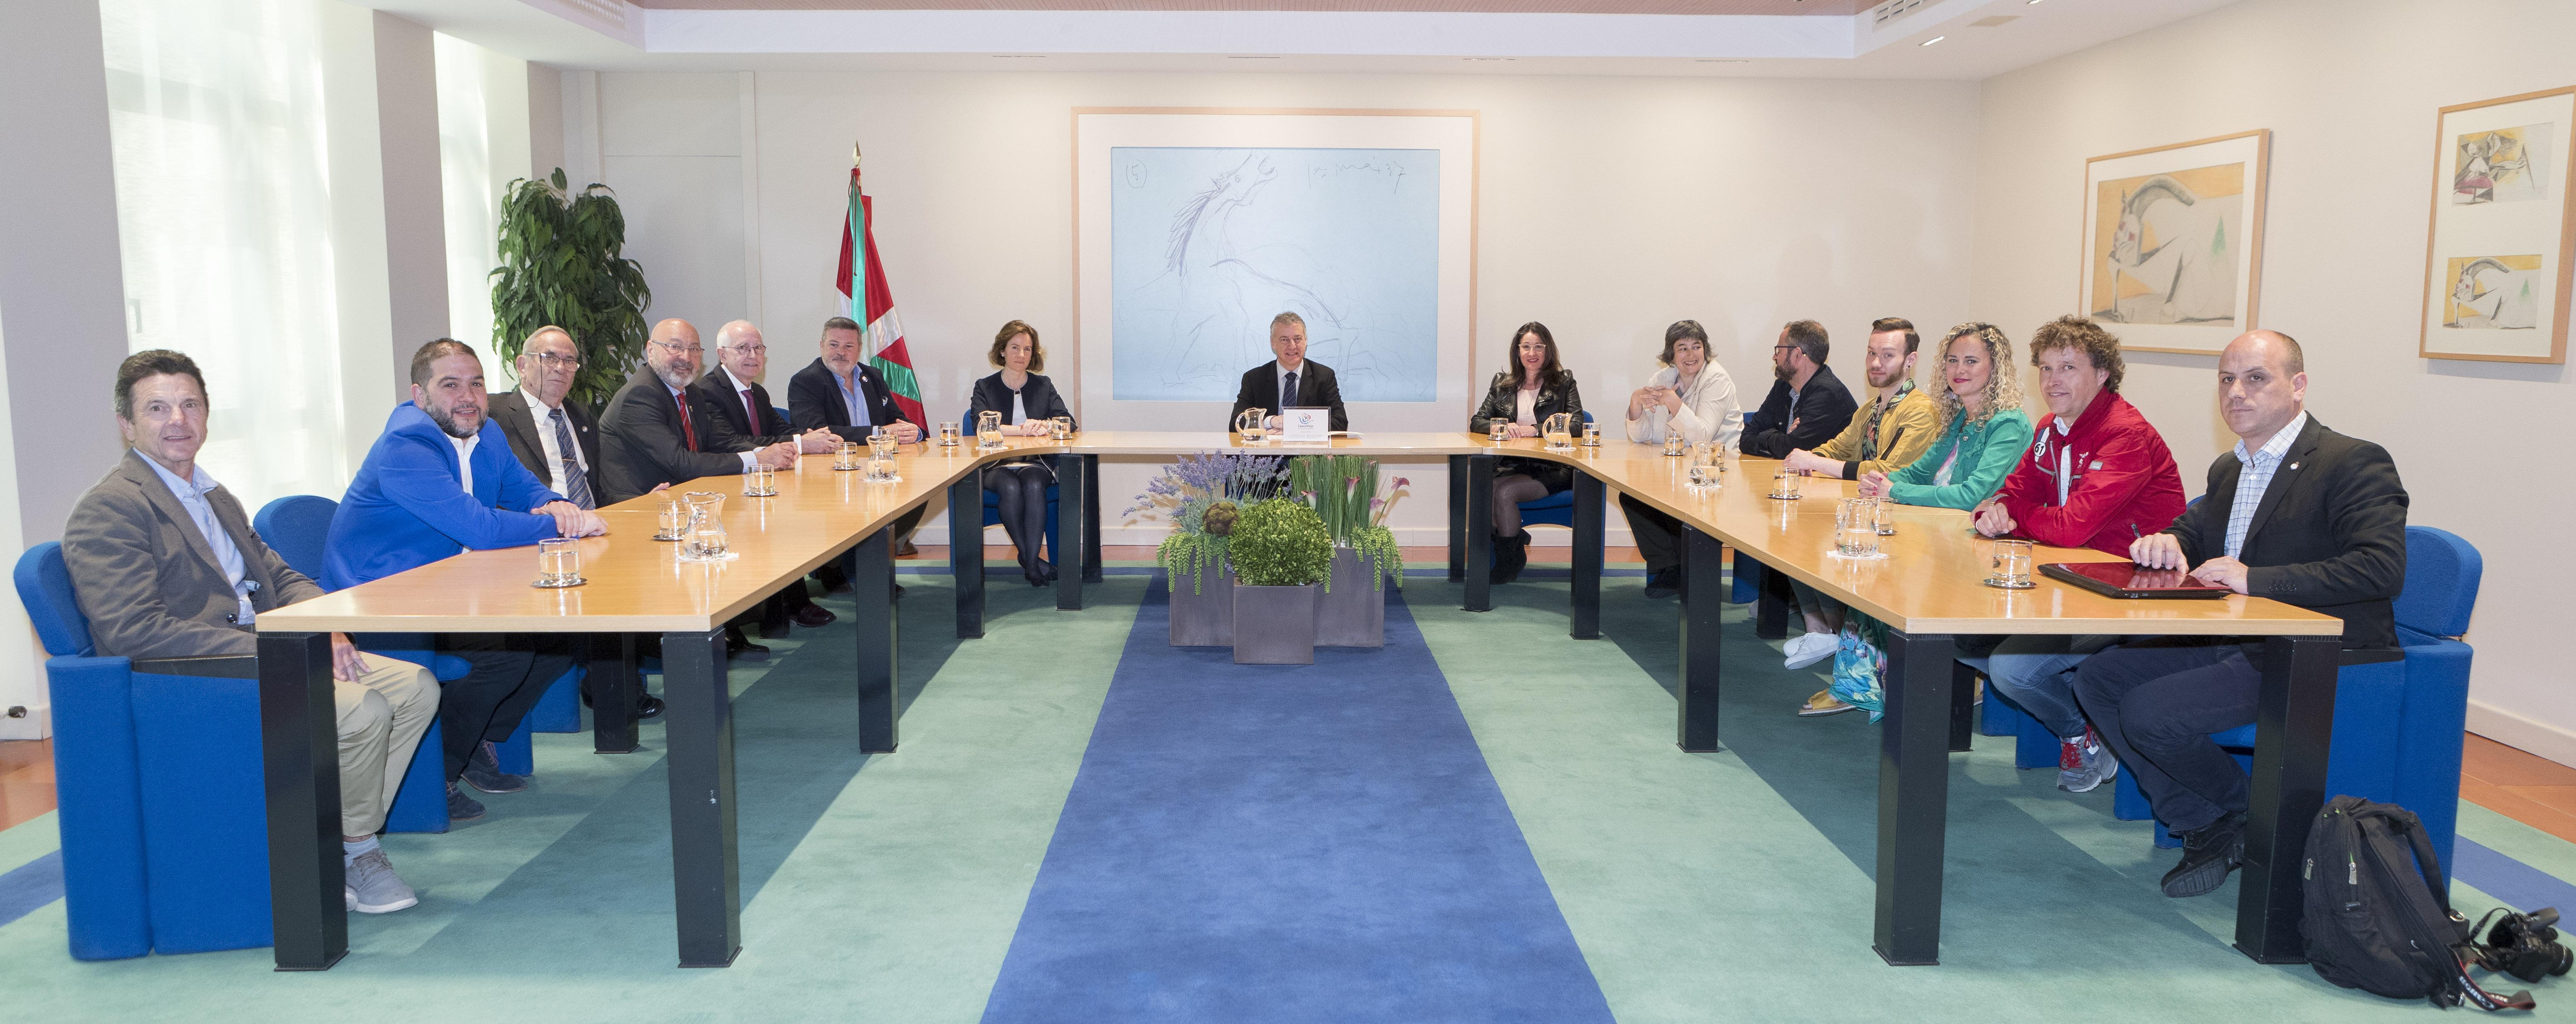 El Lehendakari recibe a una representación de la Asociación de Comerciantes del Casco Viejo de Bilbao